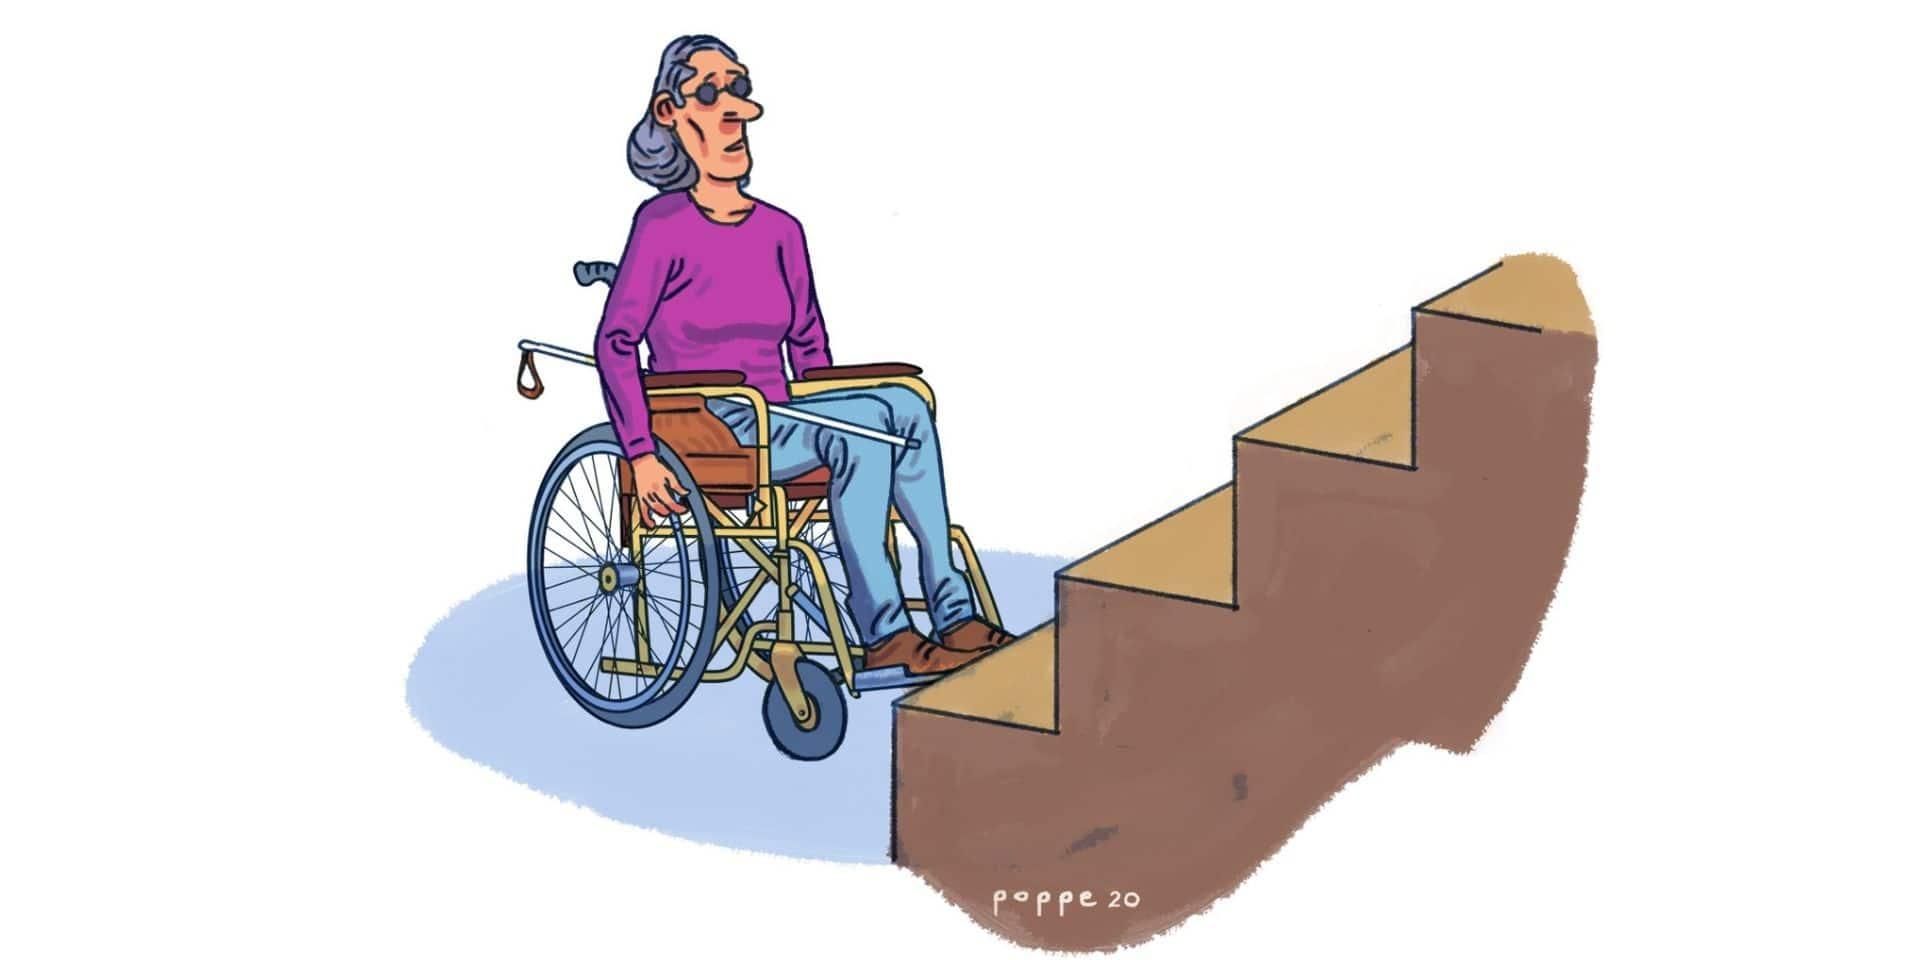 Les personnes handicapées sont toujours sur le banc de touche